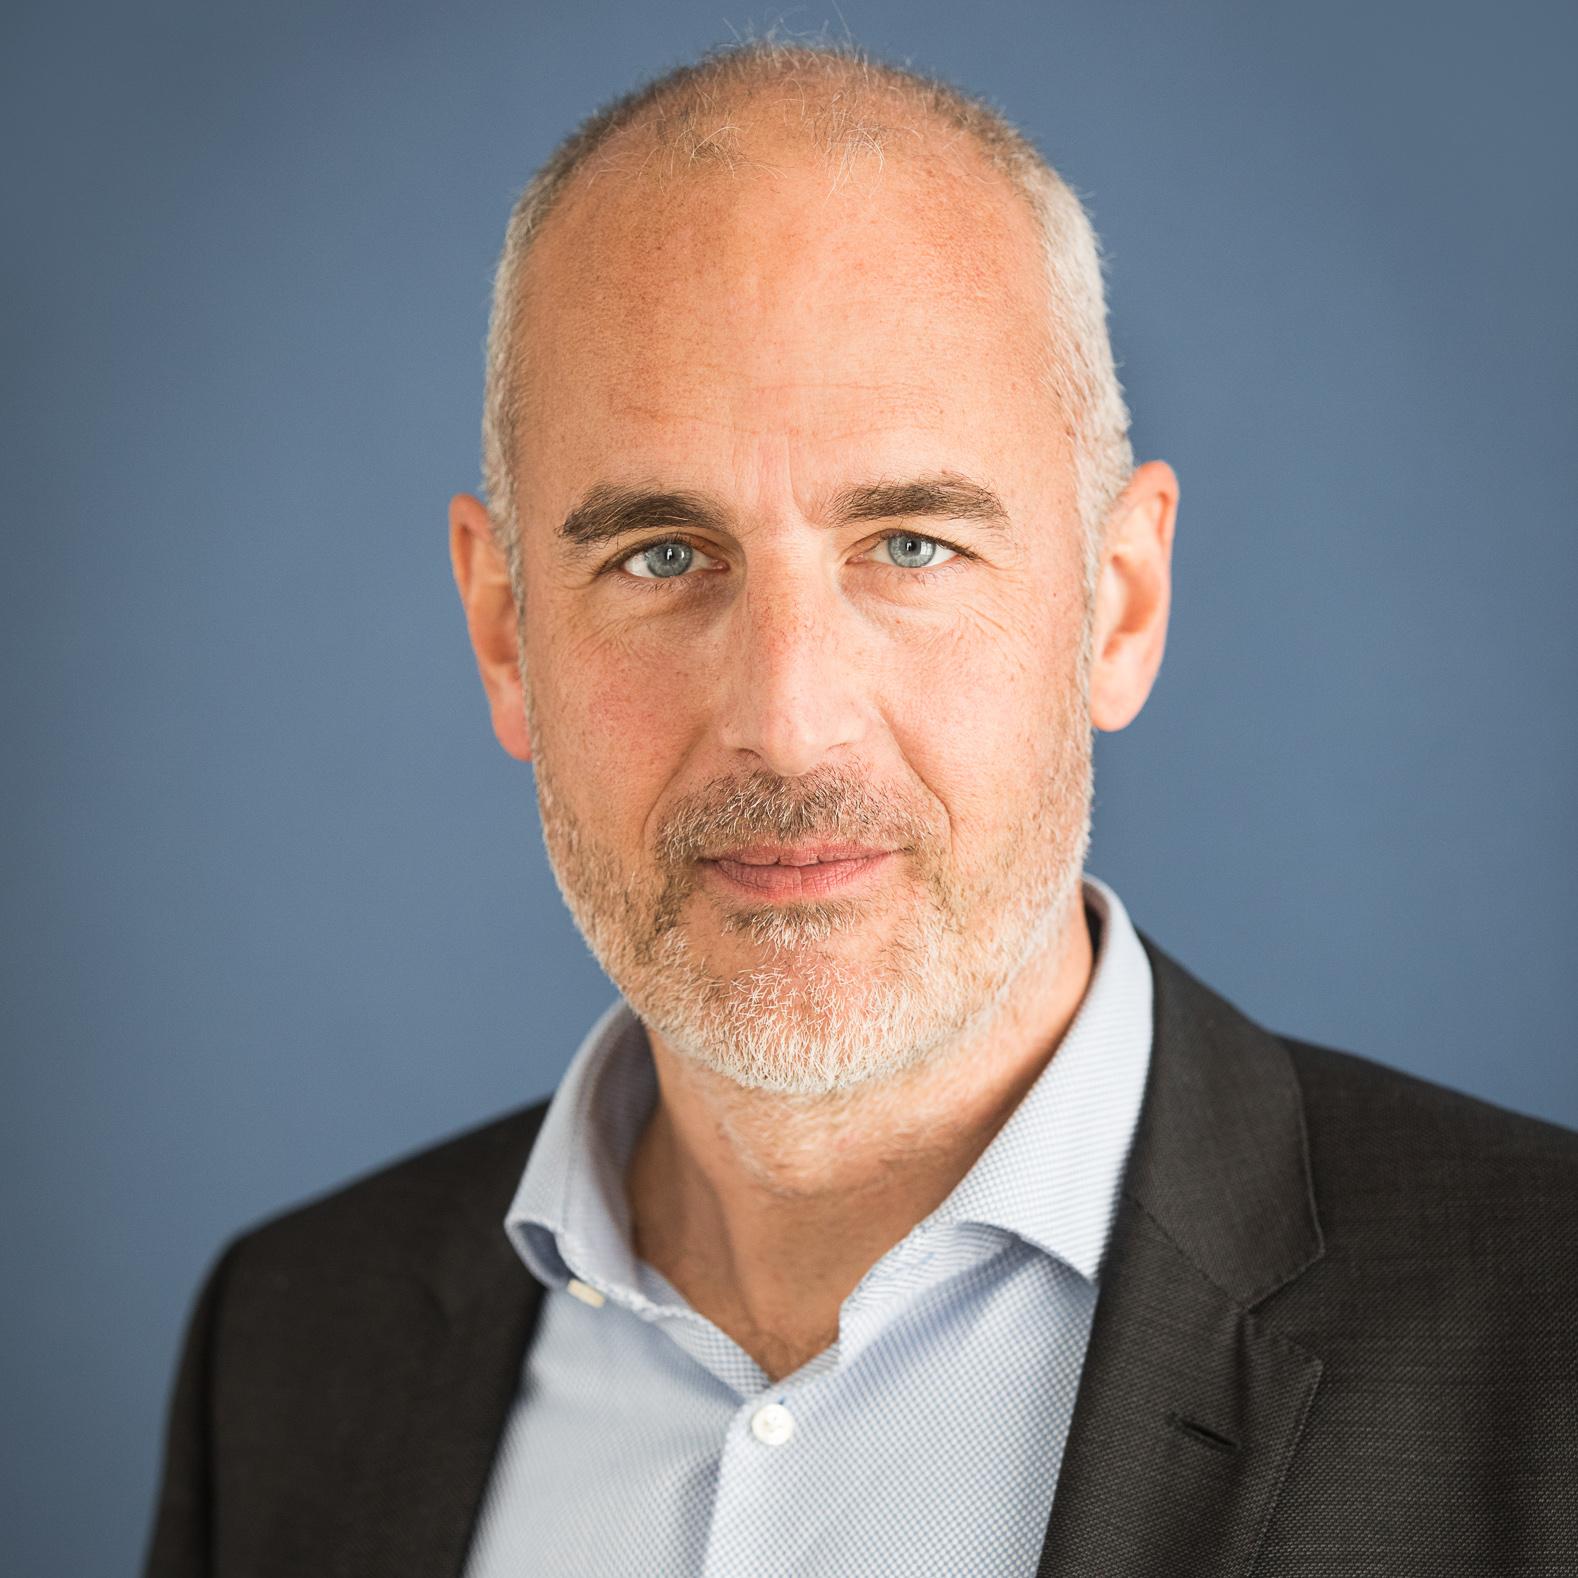 Matthias Stöcher